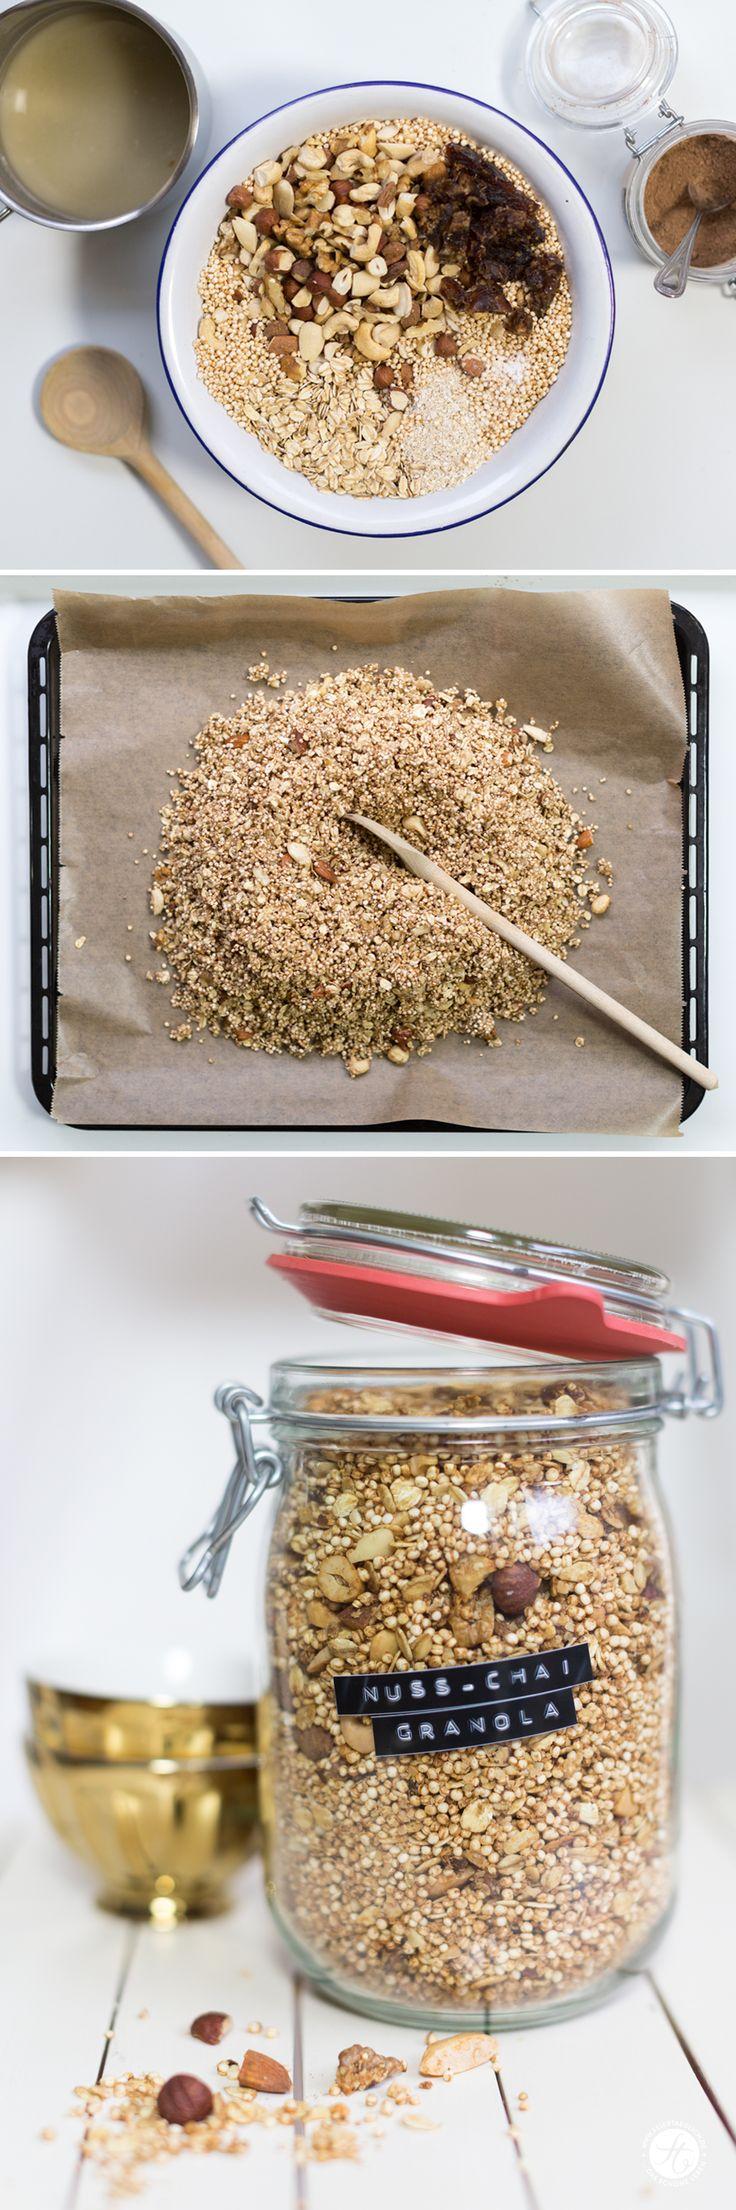 Nuss-Chai-Granola, Rezept für zuckerfreies Knuspermüsli mit Nüssen und Chao-Geschmack von feiertäglich.de, Zubereitung